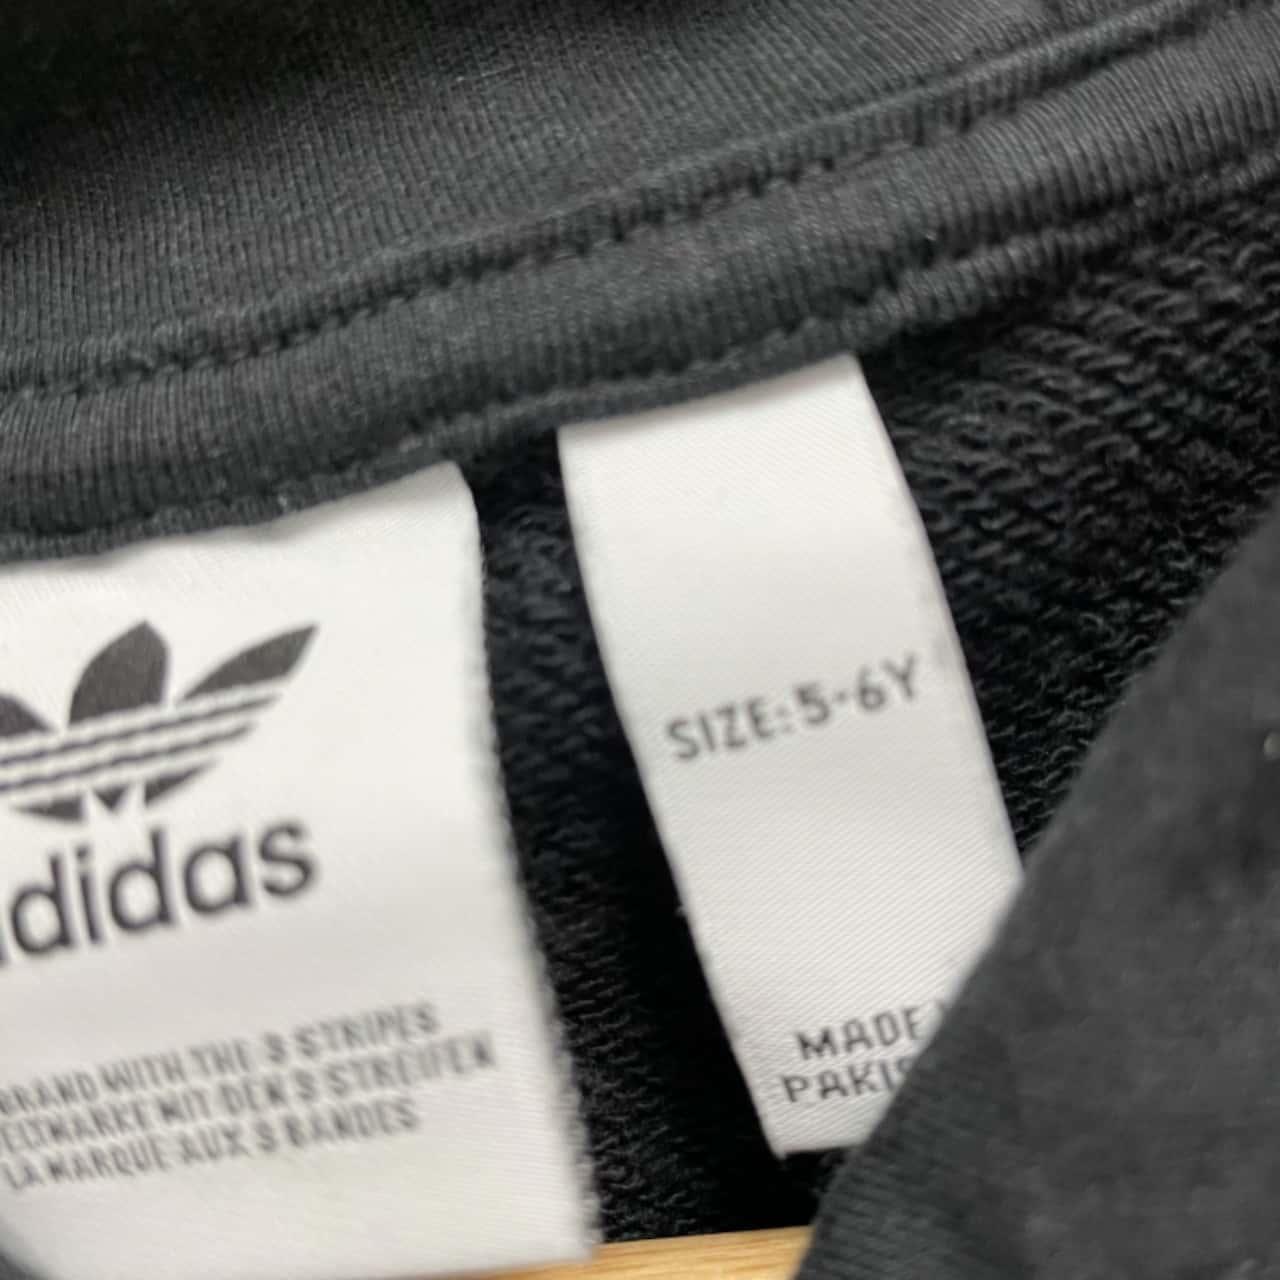 ADIDAS Kids Tracksuit Size 5-6 Black /White